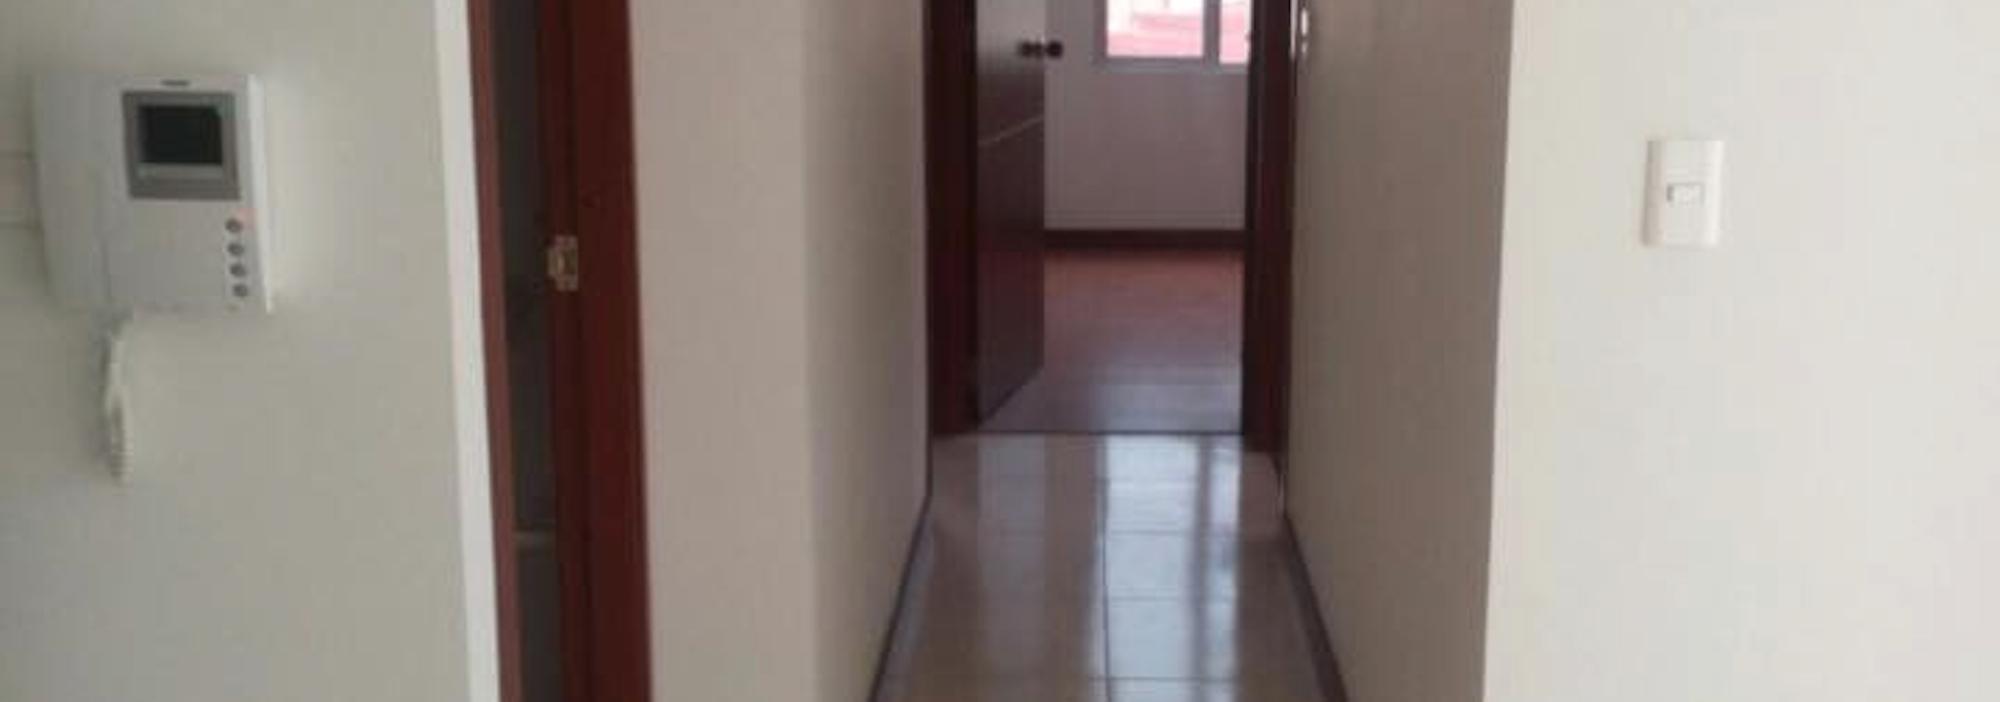 Apartamento en venta/arriendo, cerca a colegio INEM-Pasto.